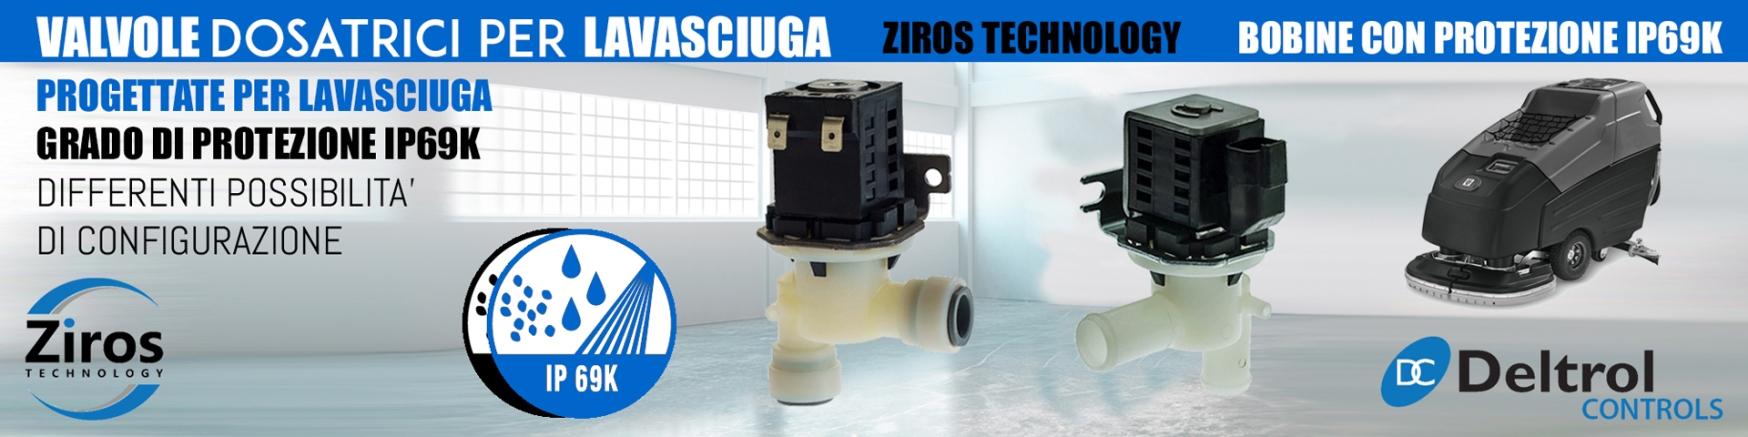 Bredi electronic components source for Lavasciuga migliore 2017